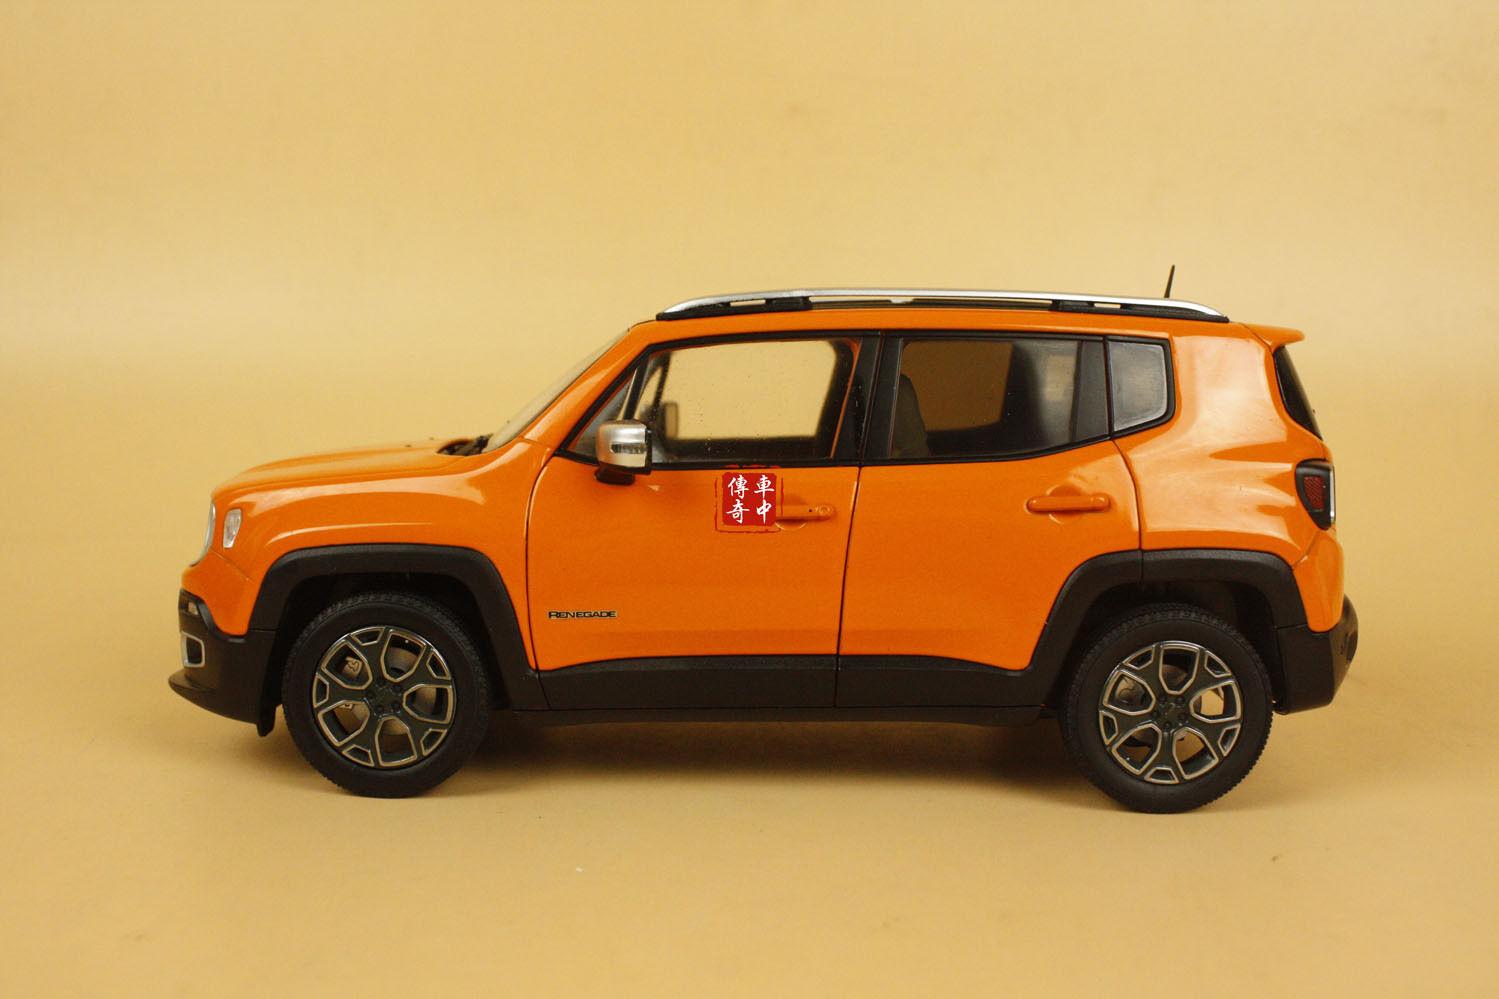 1 18 new jeep renegade diecast model car orange color ebay. Black Bedroom Furniture Sets. Home Design Ideas